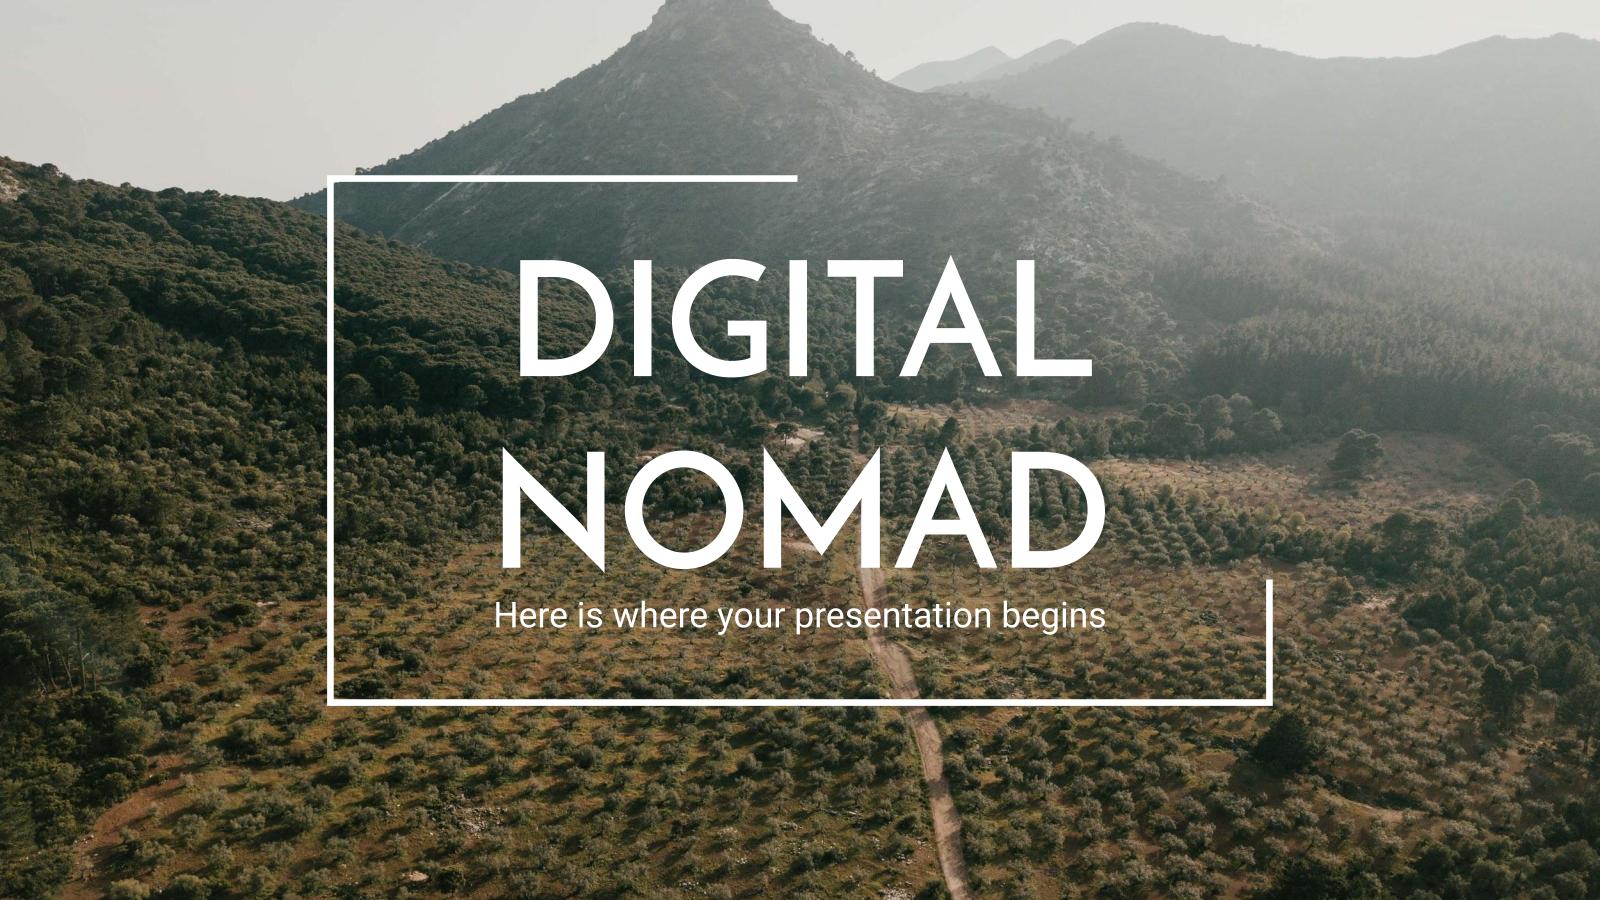 Modelo de apresentação Nômade digital